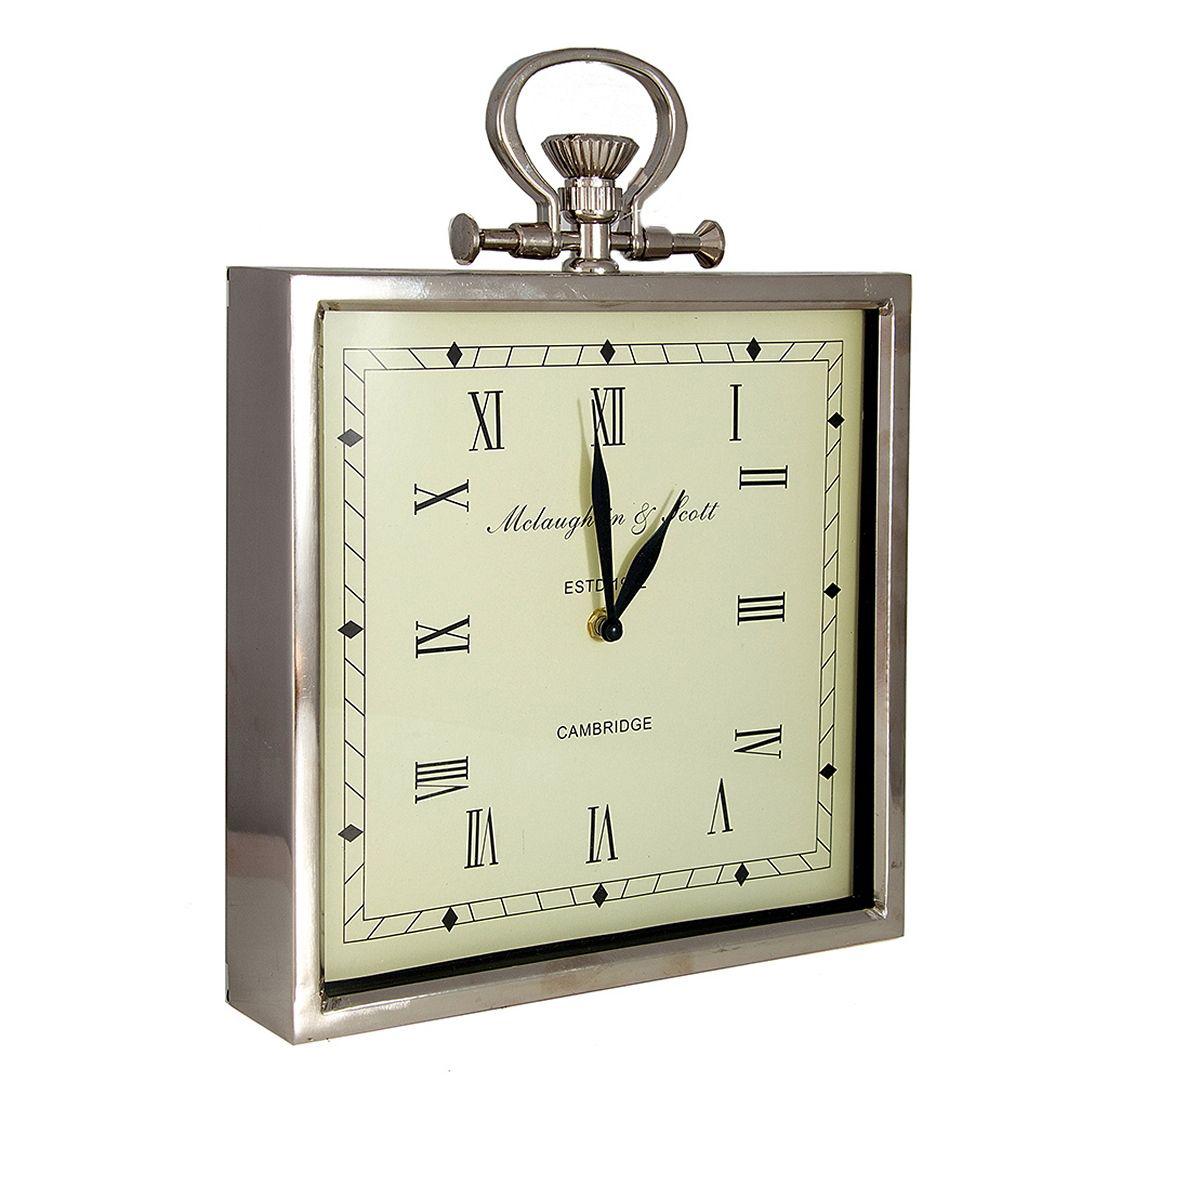 Часы настенные Русские Подарки Классика, 28 х 6 х 34 см. 6060460604Настенные кварцевые часы Русские Подарки Классика изготовлены из металла. Корпус выполнен в классическом стиле. Циферблат защищен стеклом. Часы имеют две стрелки - часовую и минутную. Имеется петелька для подвешивания на стену.Такие часы красиво и необычно оформят интерьер дома или офиса. Также часы могут стать уникальным, полезным подарком для родственников, коллег, знакомых и близких. Часы работают от батареек типа АА (в комплект не входят).